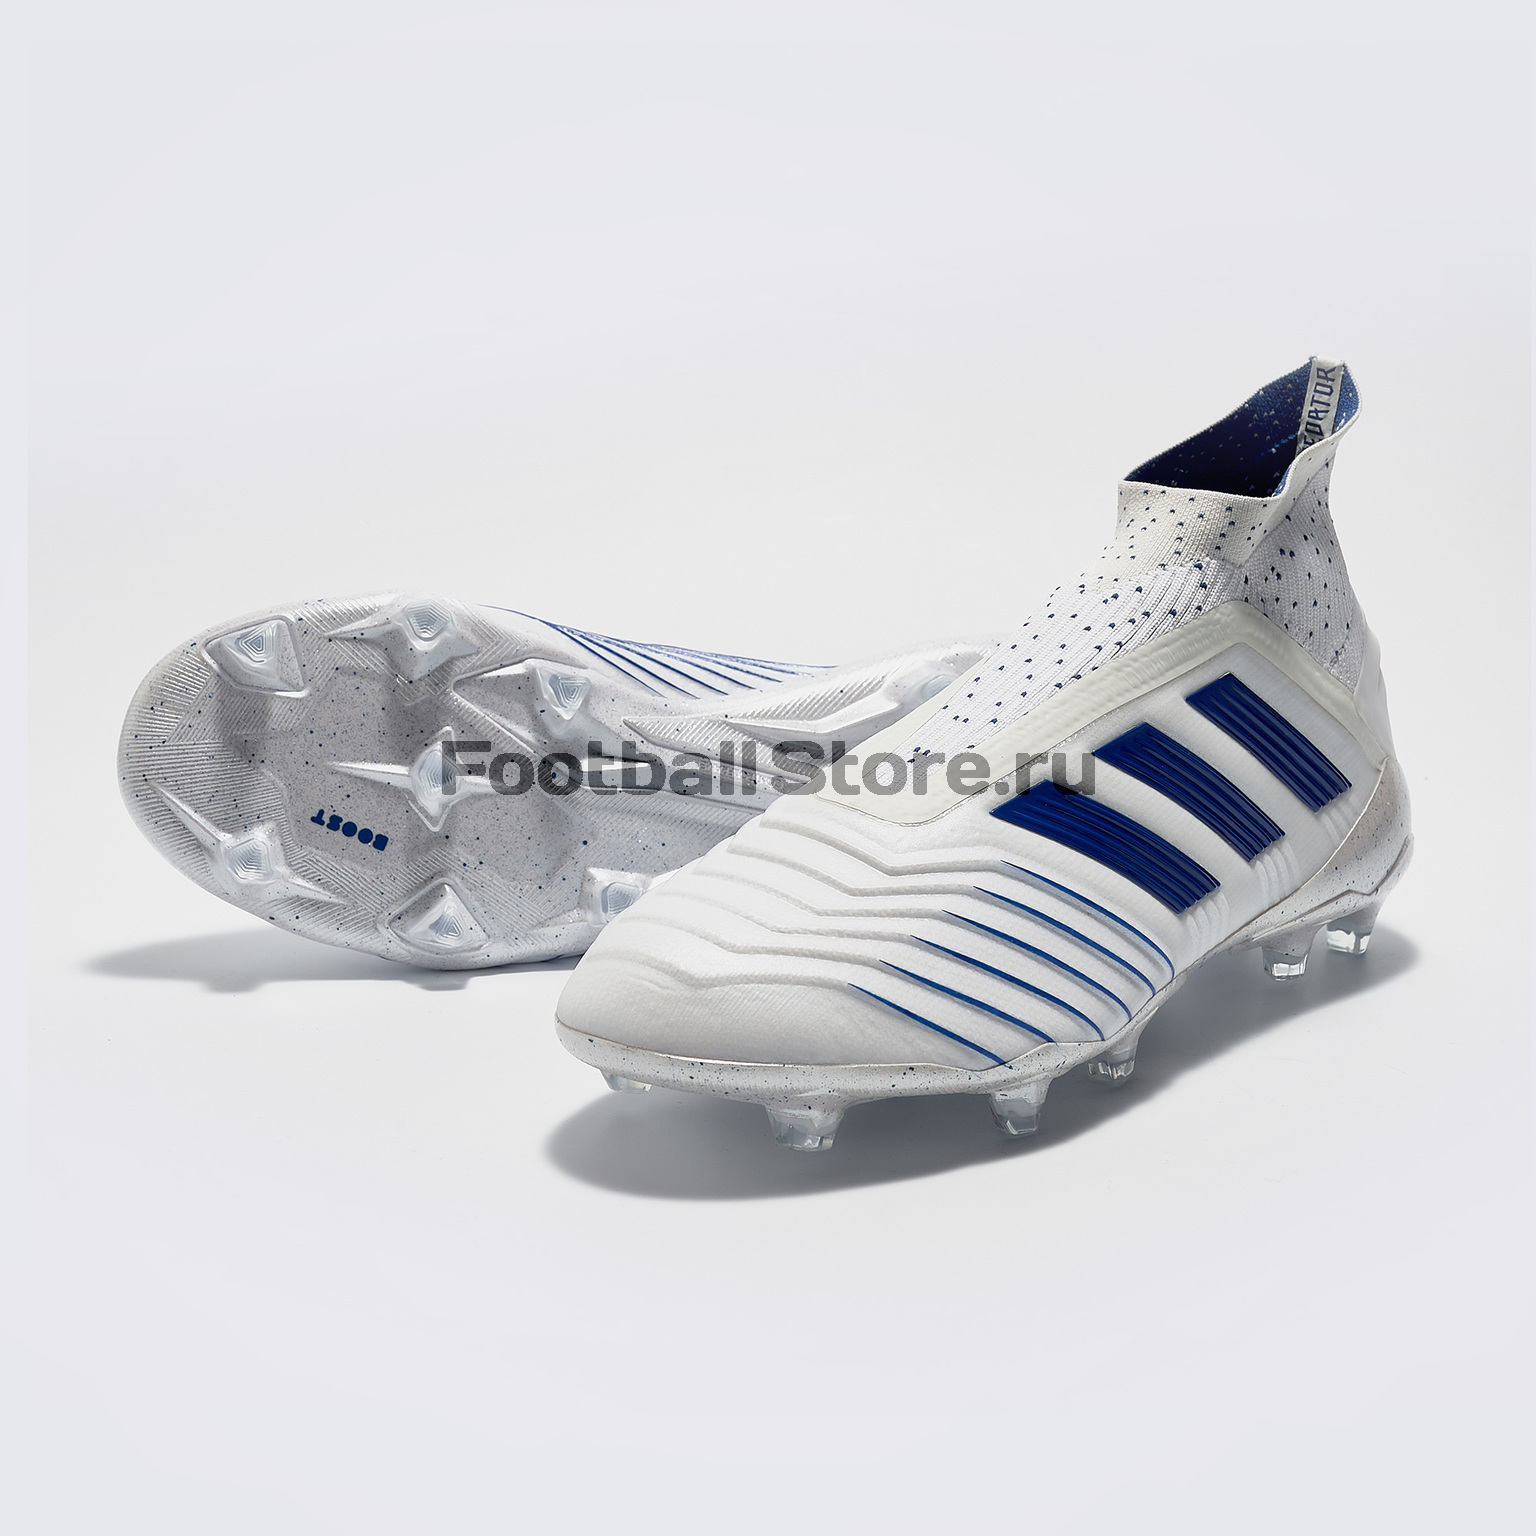 Бутсы Adidas Predator 19+ FG BC0548